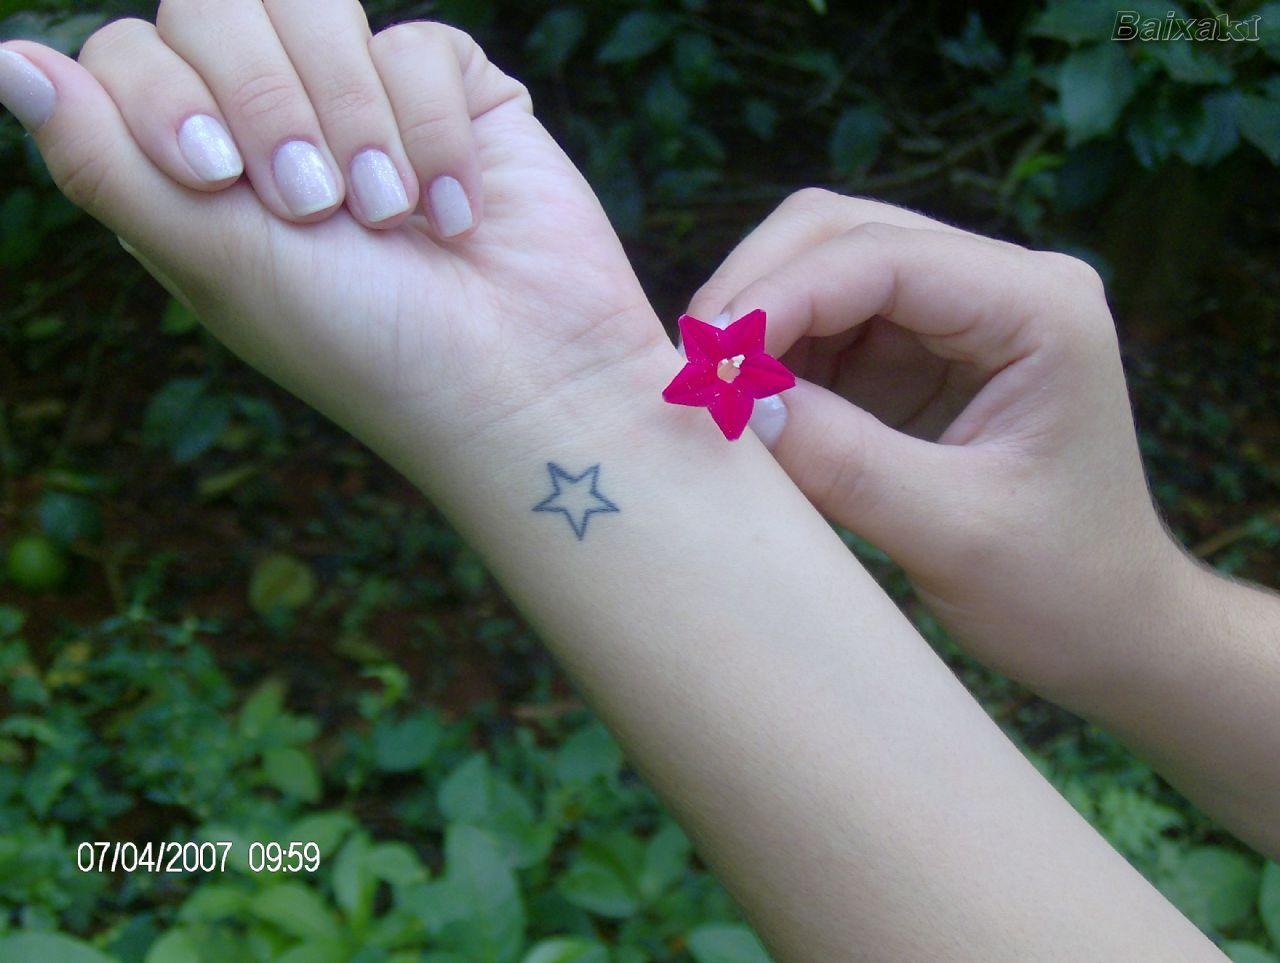 Star wrist tattoo Star tattoo on wrist, Star tattoos